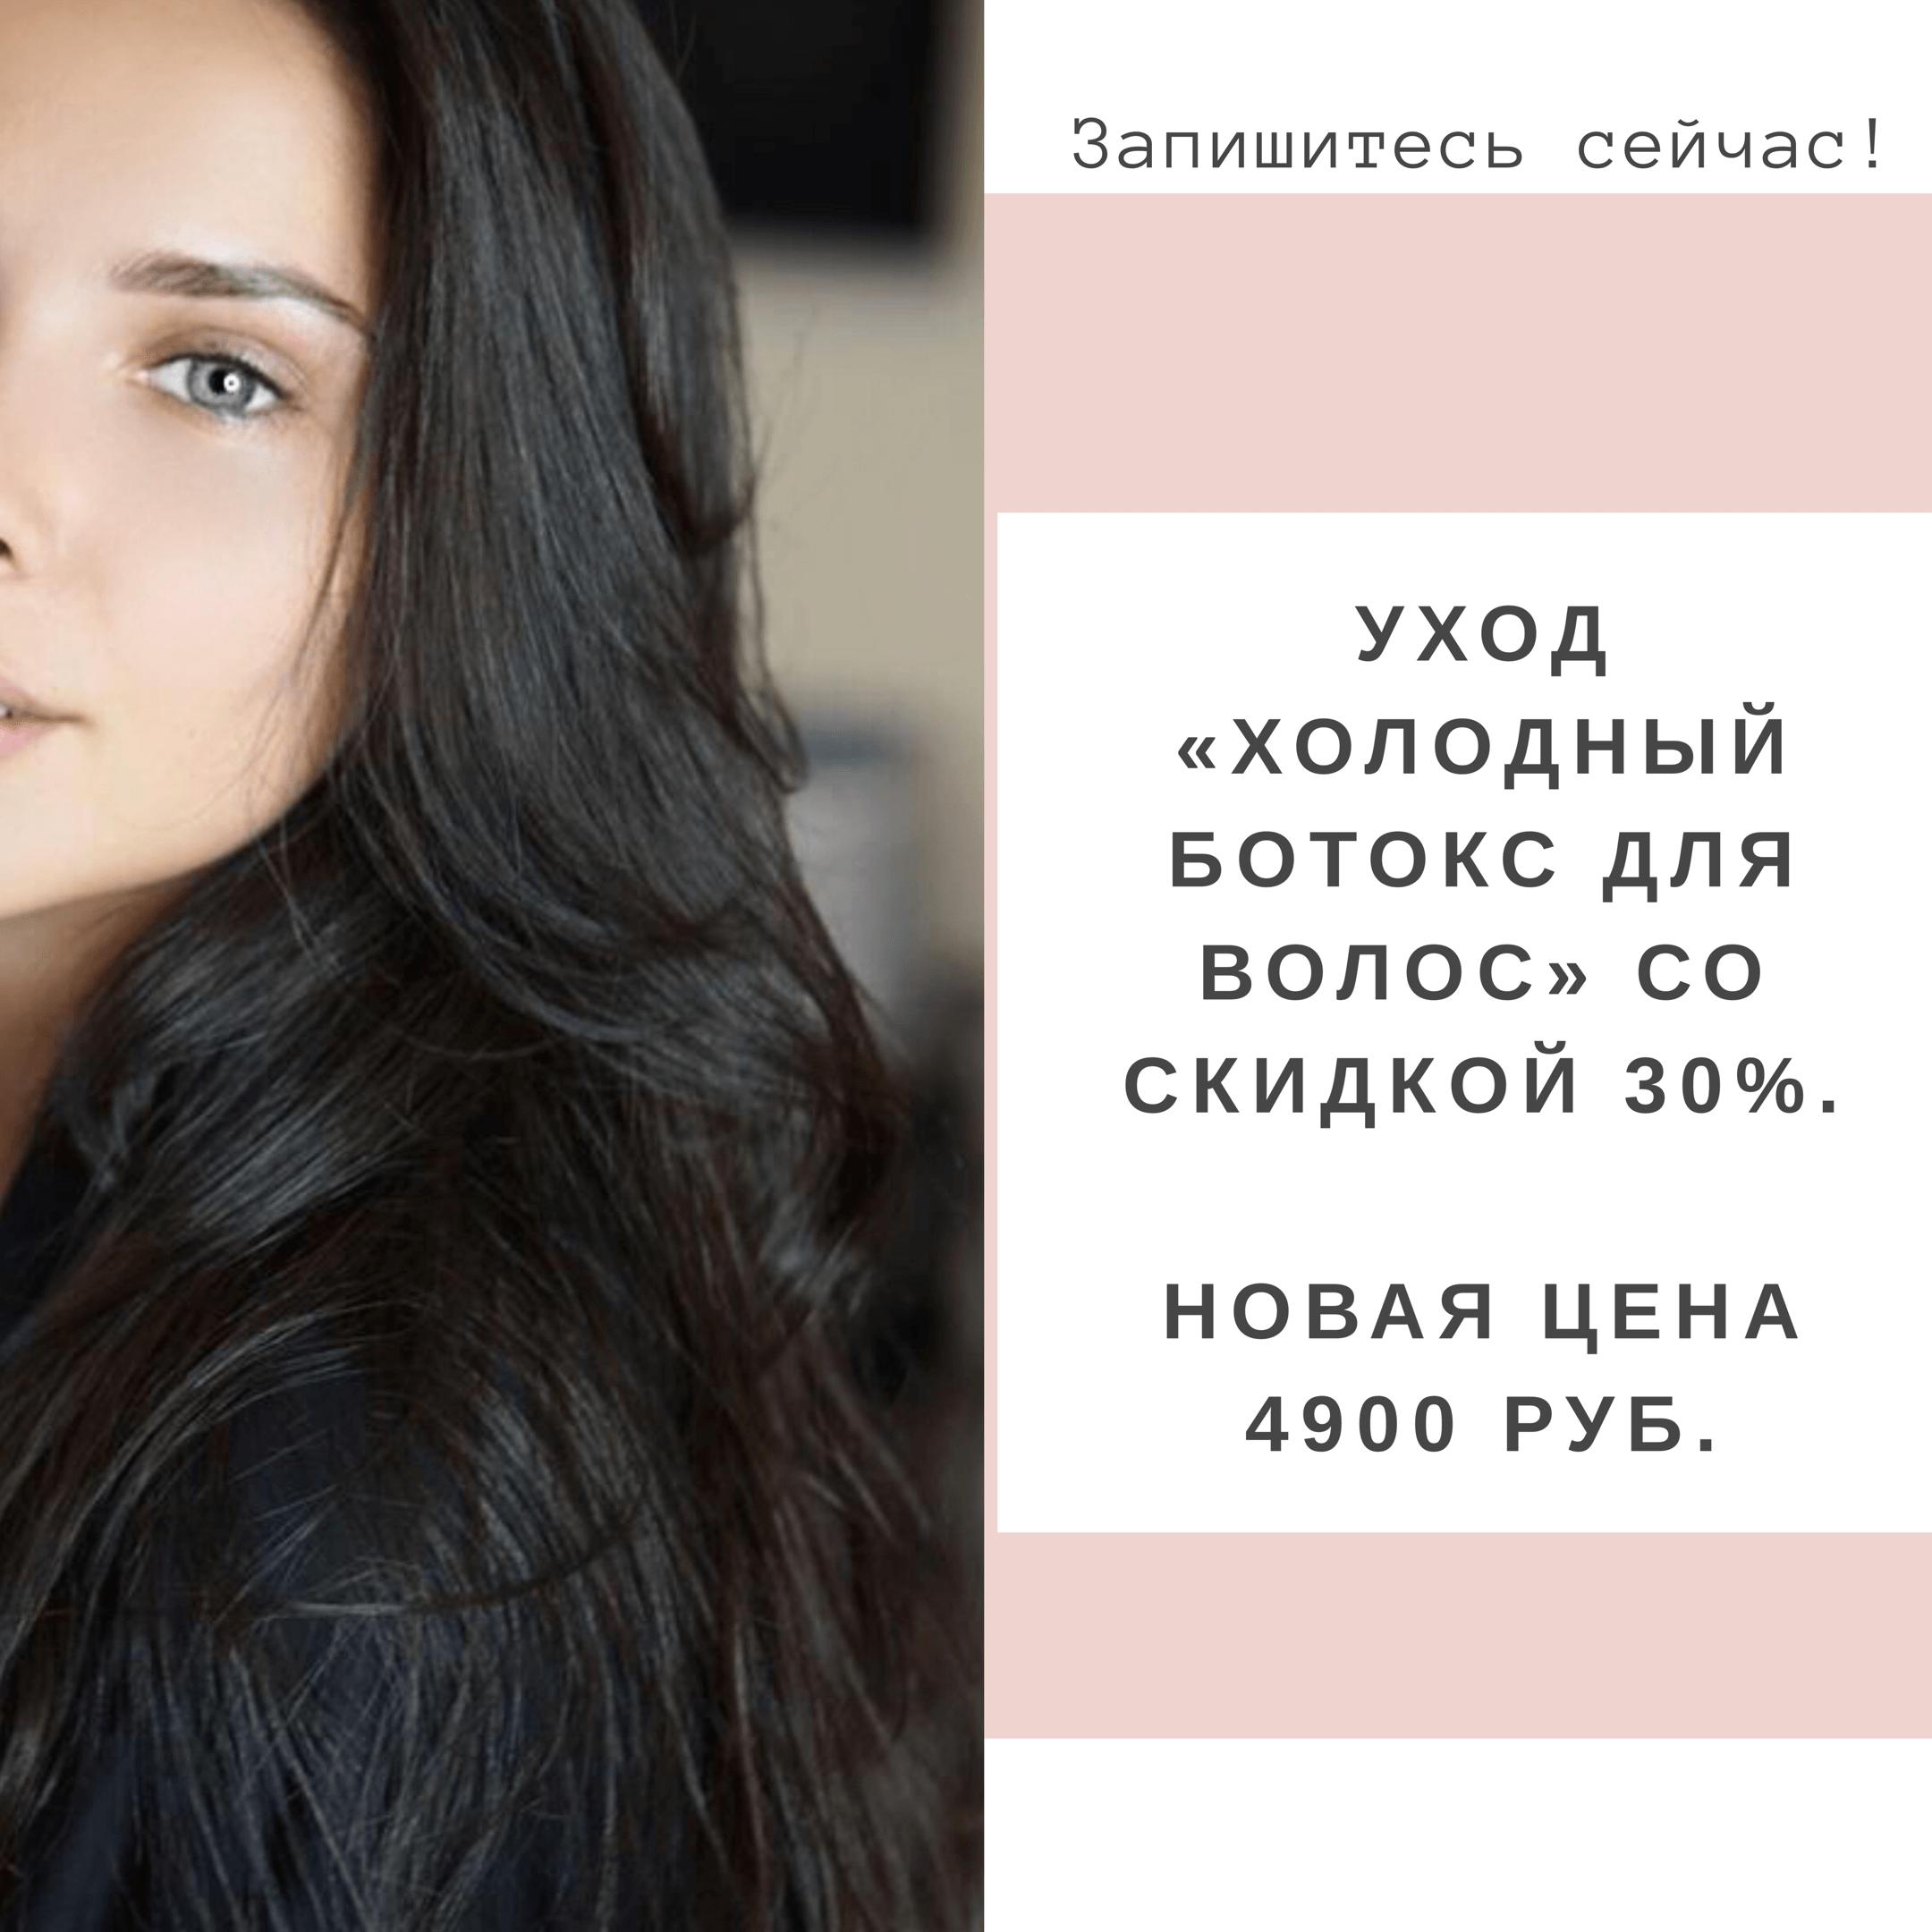 EB154F16-63F3-4ADA-8F67-EC21B311DA33